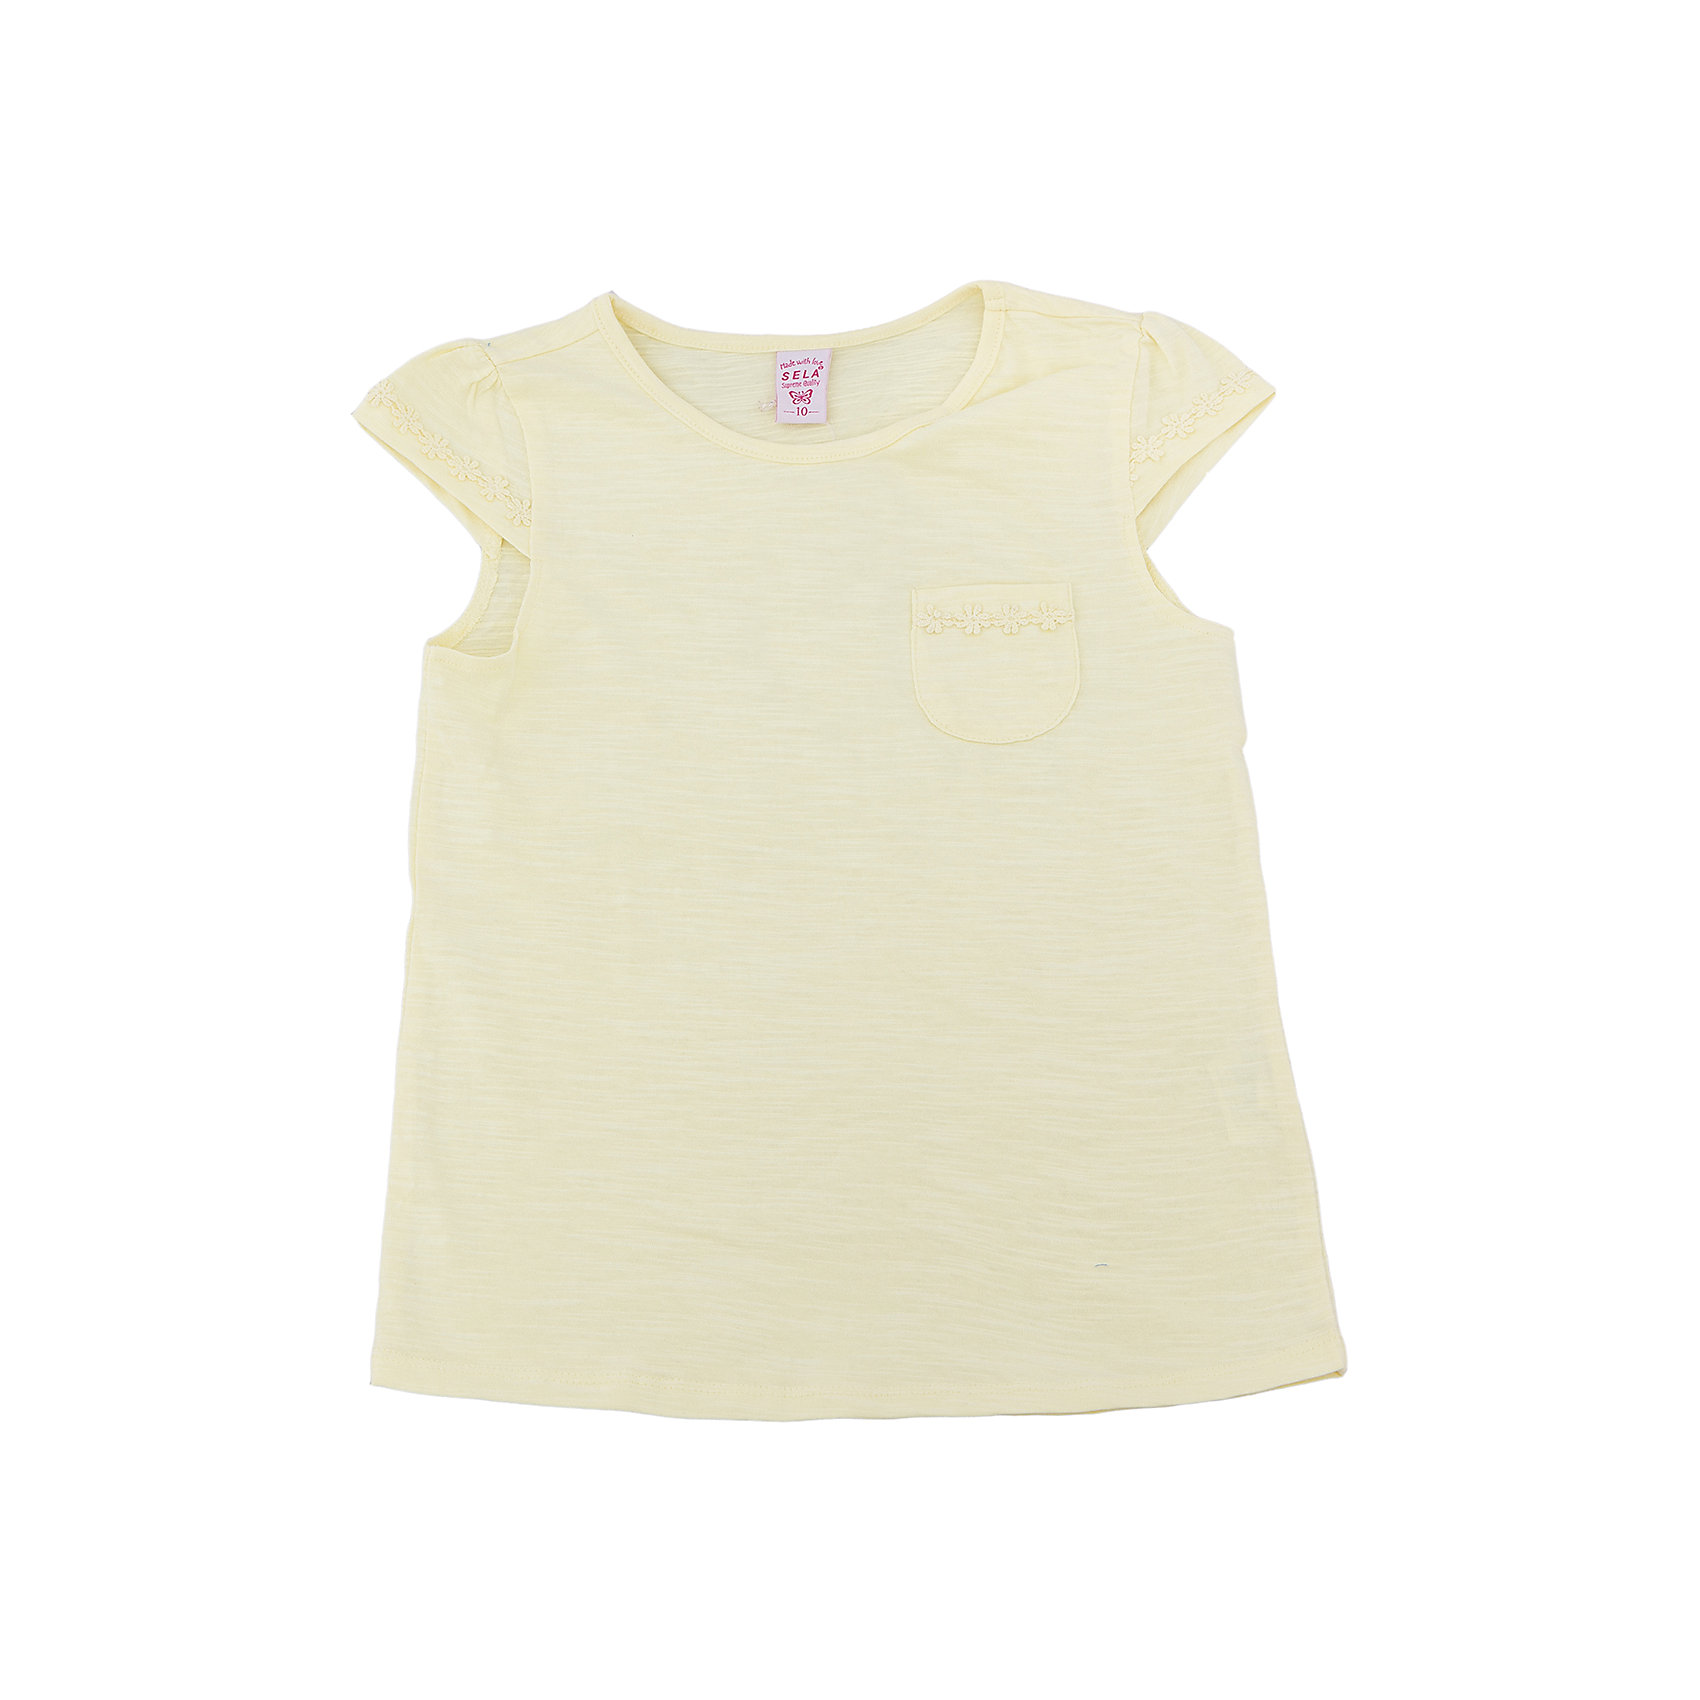 Футболка  для девочки SELAФутболки, поло и топы<br>Характеристики товара:<br><br>• цвет: светло-желтый<br>• состав: 100% хлопок<br>• карман на груди<br>• короткие рукава<br>• округлый горловой вырез<br>• страна бренда: Российская Федерация<br><br>В новой коллекции SELA отличные модели одежды! Эта футболка для девочки поможет разнообразить гардероб ребенка и обеспечить комфорт. Она отлично сочетается с юбками и брюками. Стильная и удобная вещь!<br><br>Футболку для девочки от популярного бренда SELA (СЕЛА) можно купить в нашем интернет-магазине.<br><br>Ширина мм: 230<br>Глубина мм: 40<br>Высота мм: 220<br>Вес г: 250<br>Цвет: желтый<br>Возраст от месяцев: 108<br>Возраст до месяцев: 120<br>Пол: Женский<br>Возраст: Детский<br>Размер: 140,134,146,152,116,122,128<br>SKU: 5303626